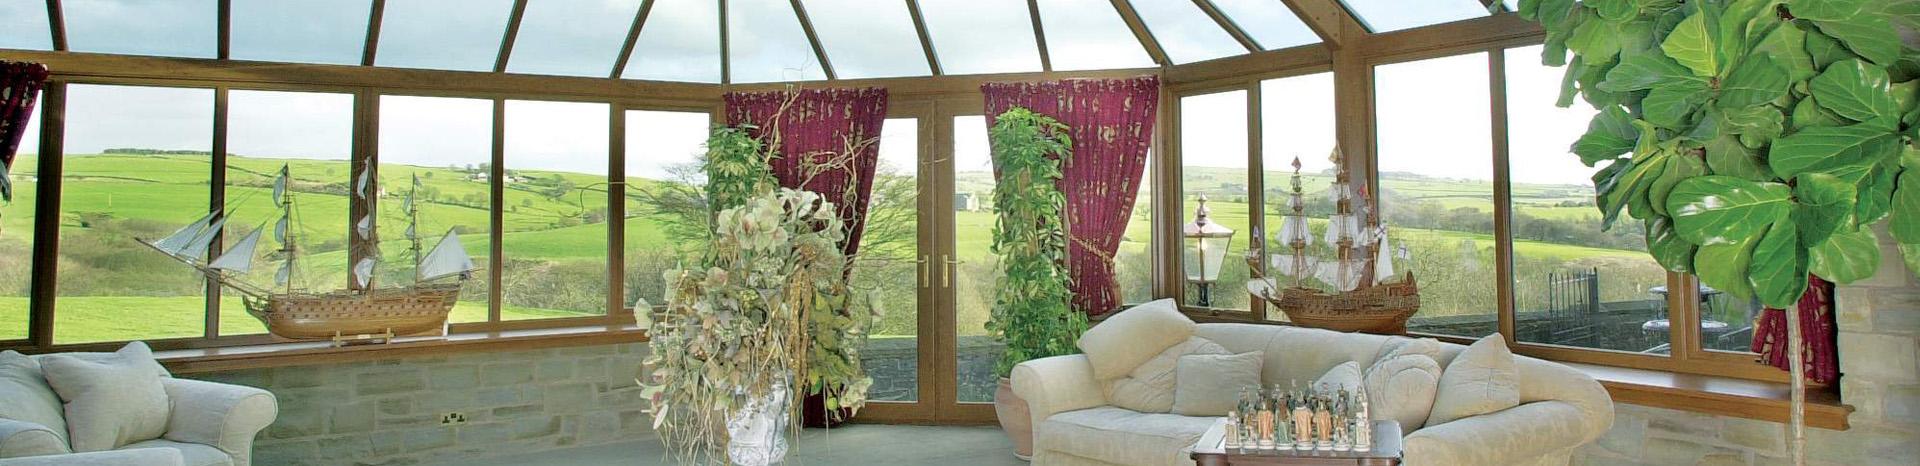 projektierung von Wintergärten, Wintergartenbau